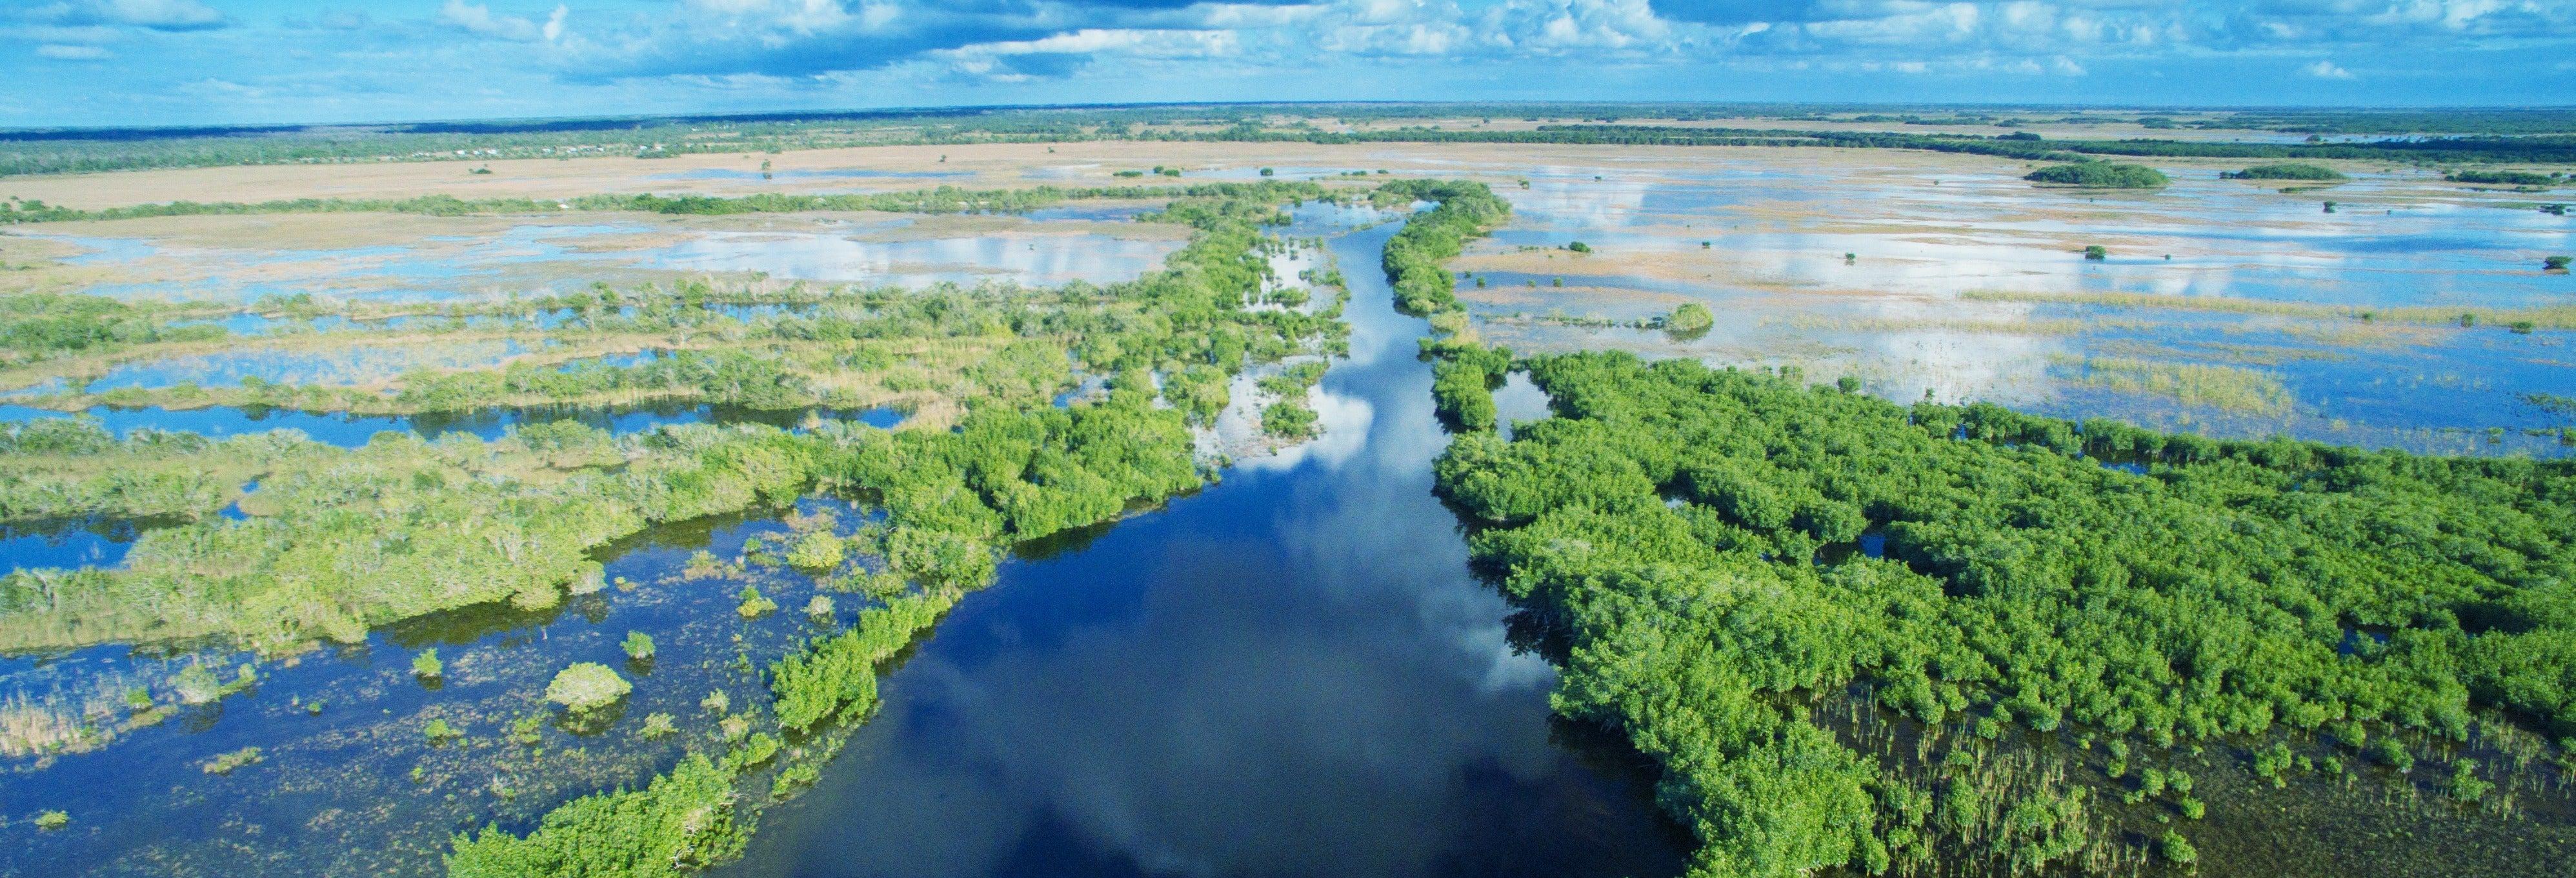 Excursão aos Everglades